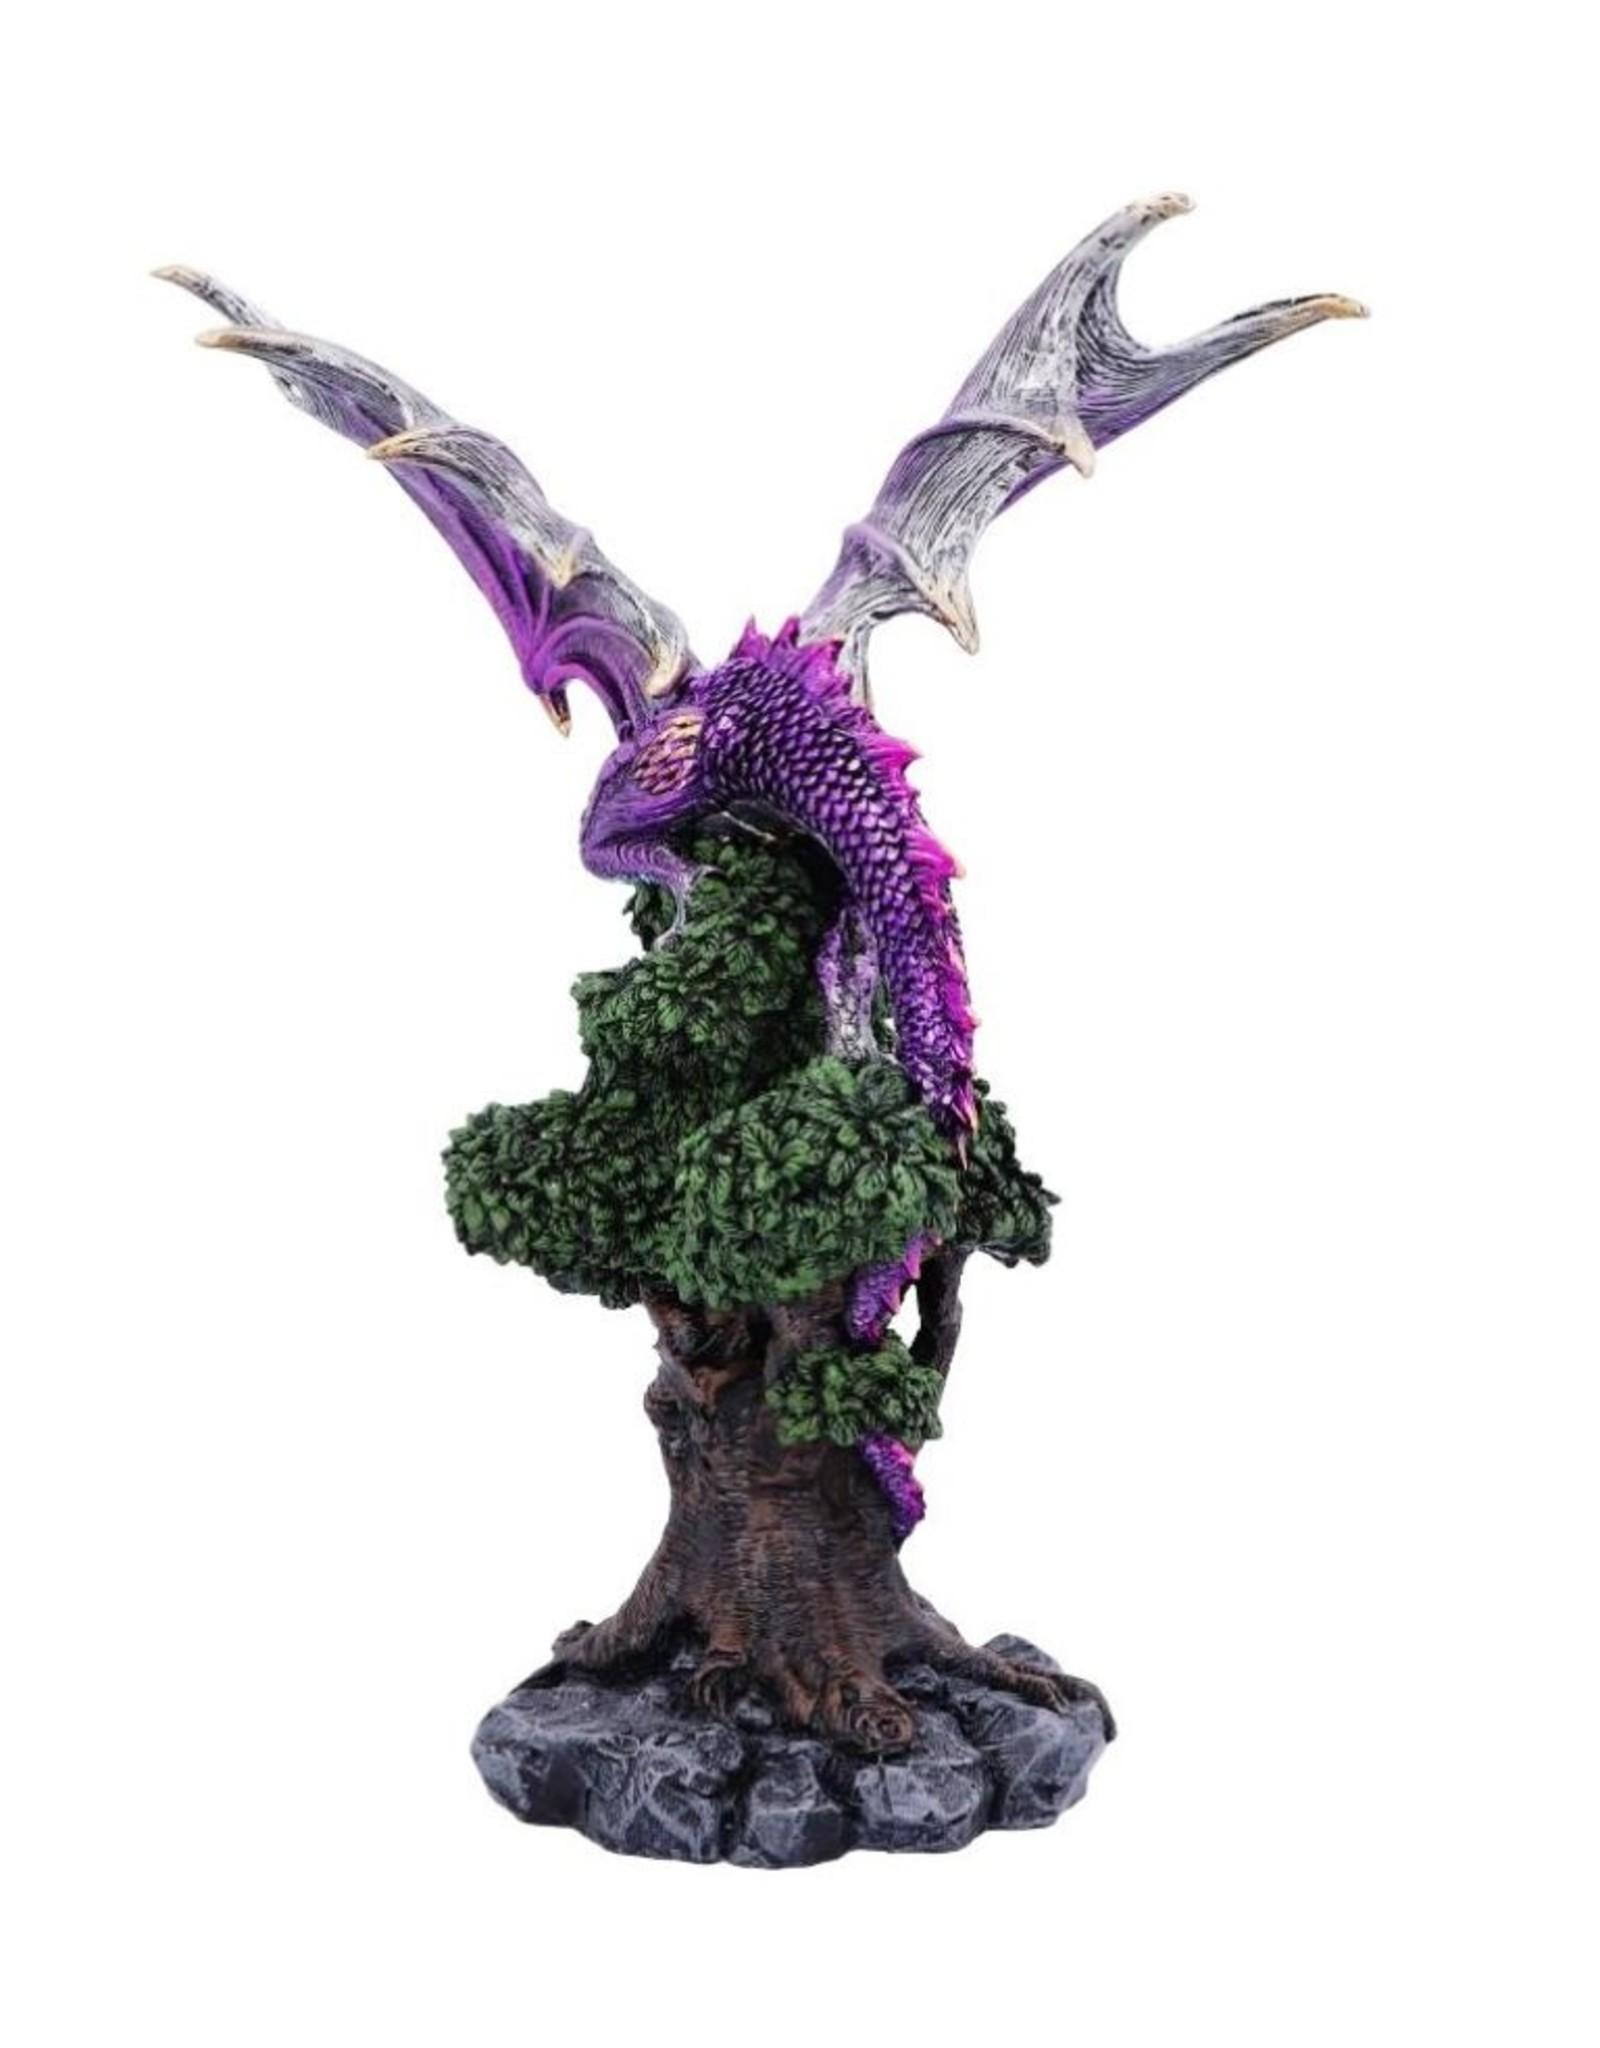 Willow Hall Giftware & Lifestyle - Baas van de Natuur Levensboom Paarse Draak beeld